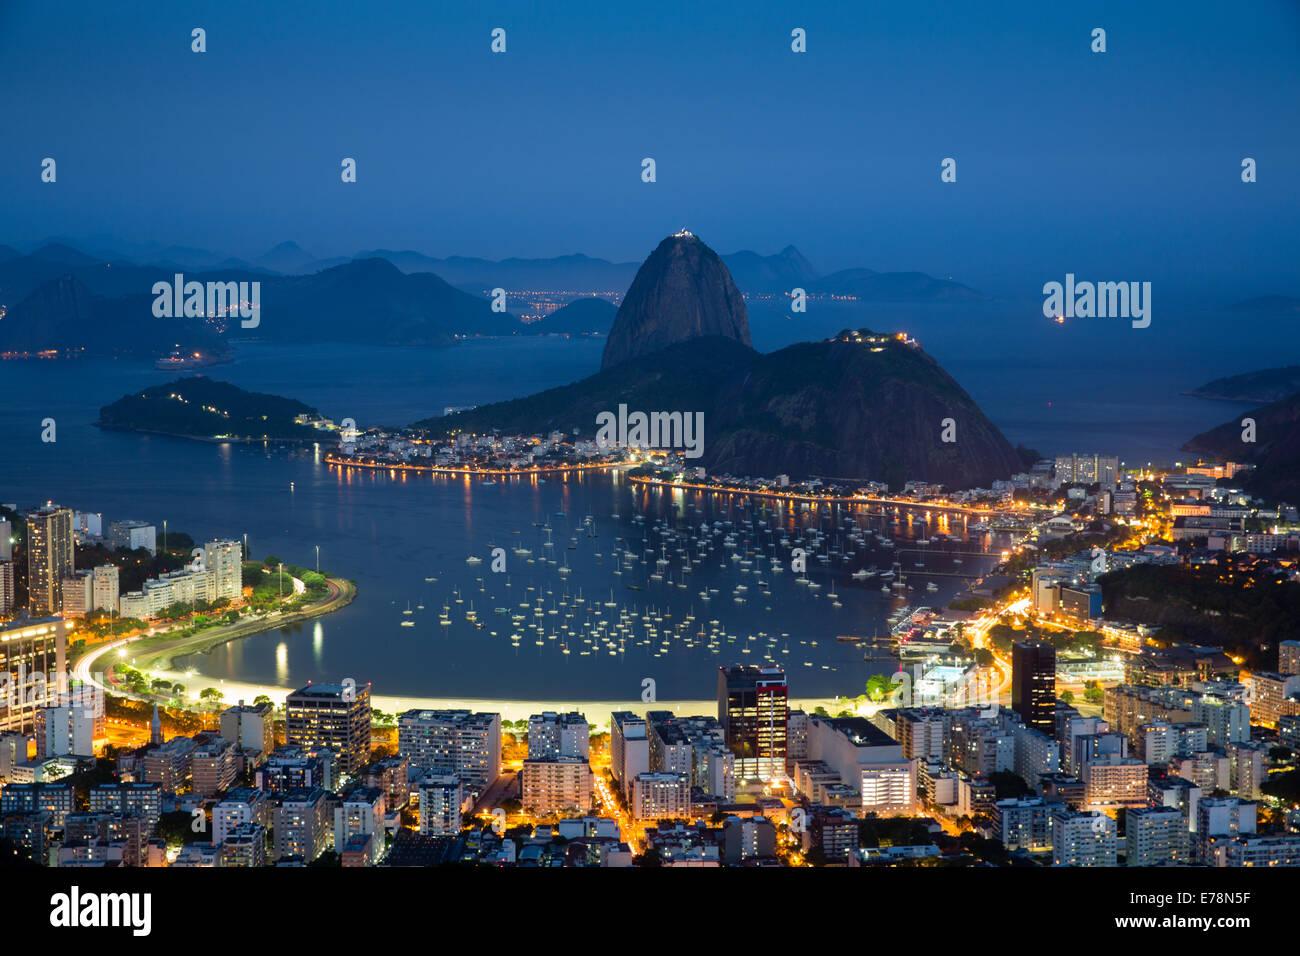 La baie, la ville et le mont du Pain de Sucre au crépuscule, Rio de Janeiro, Brésil Photo Stock